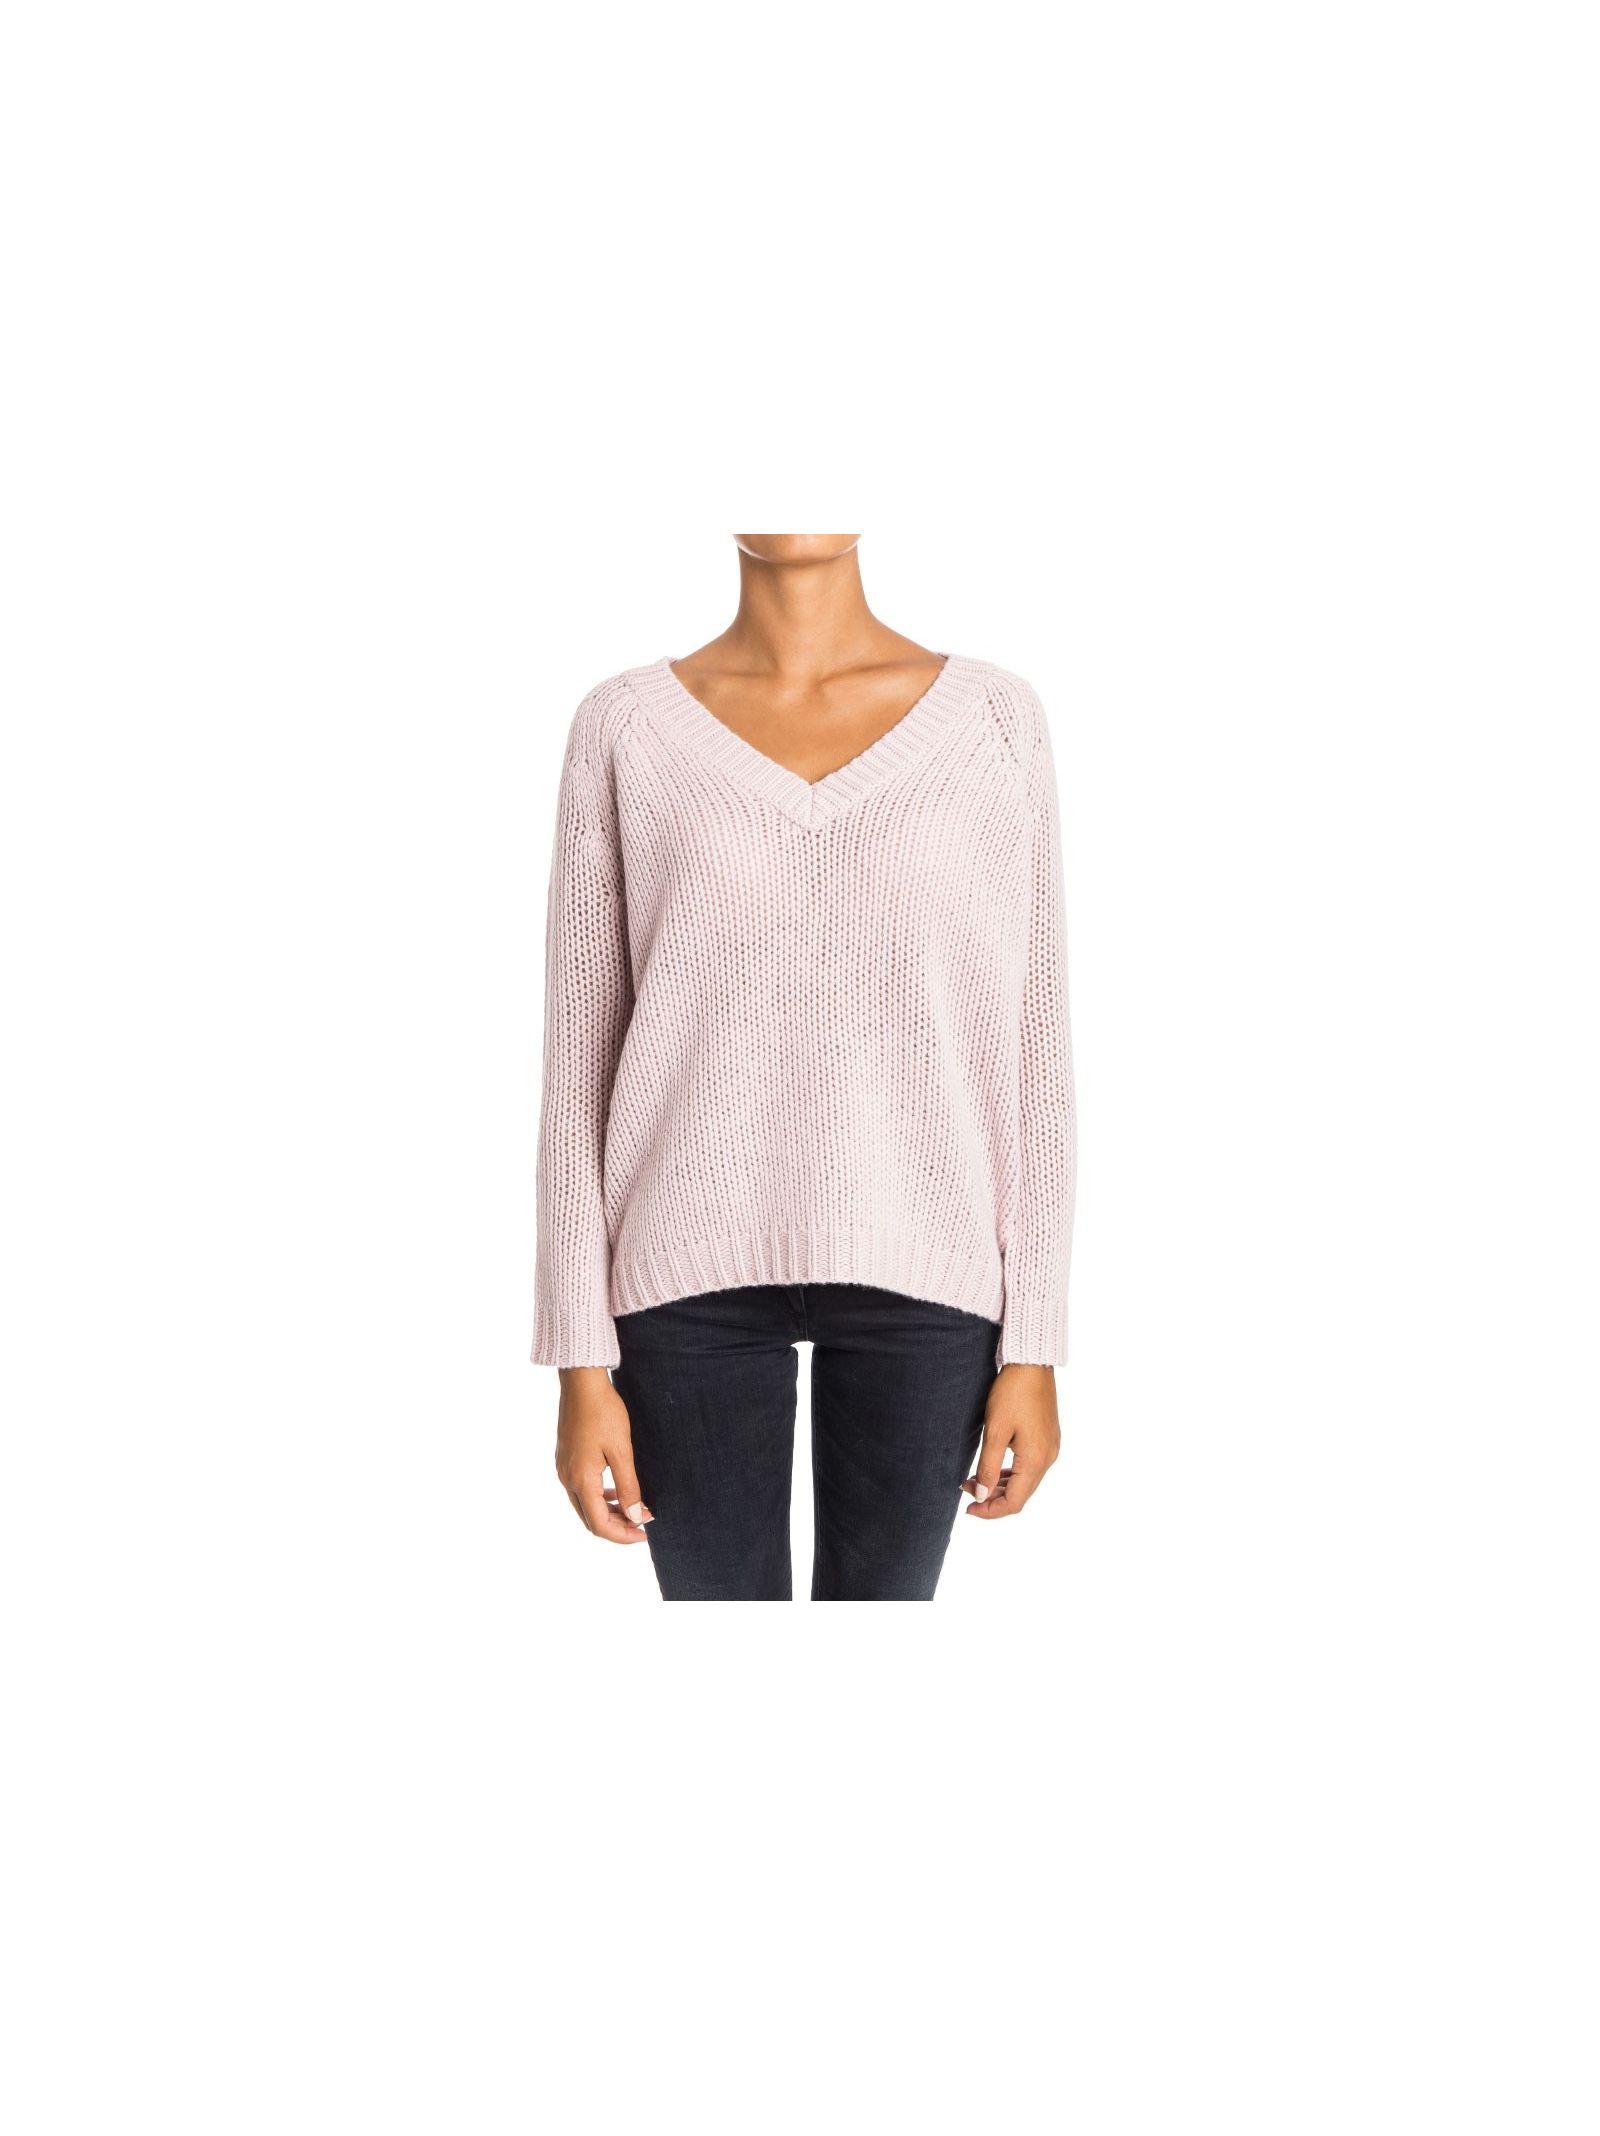 360 Cashmire - Cachemire Sweater - Brogan